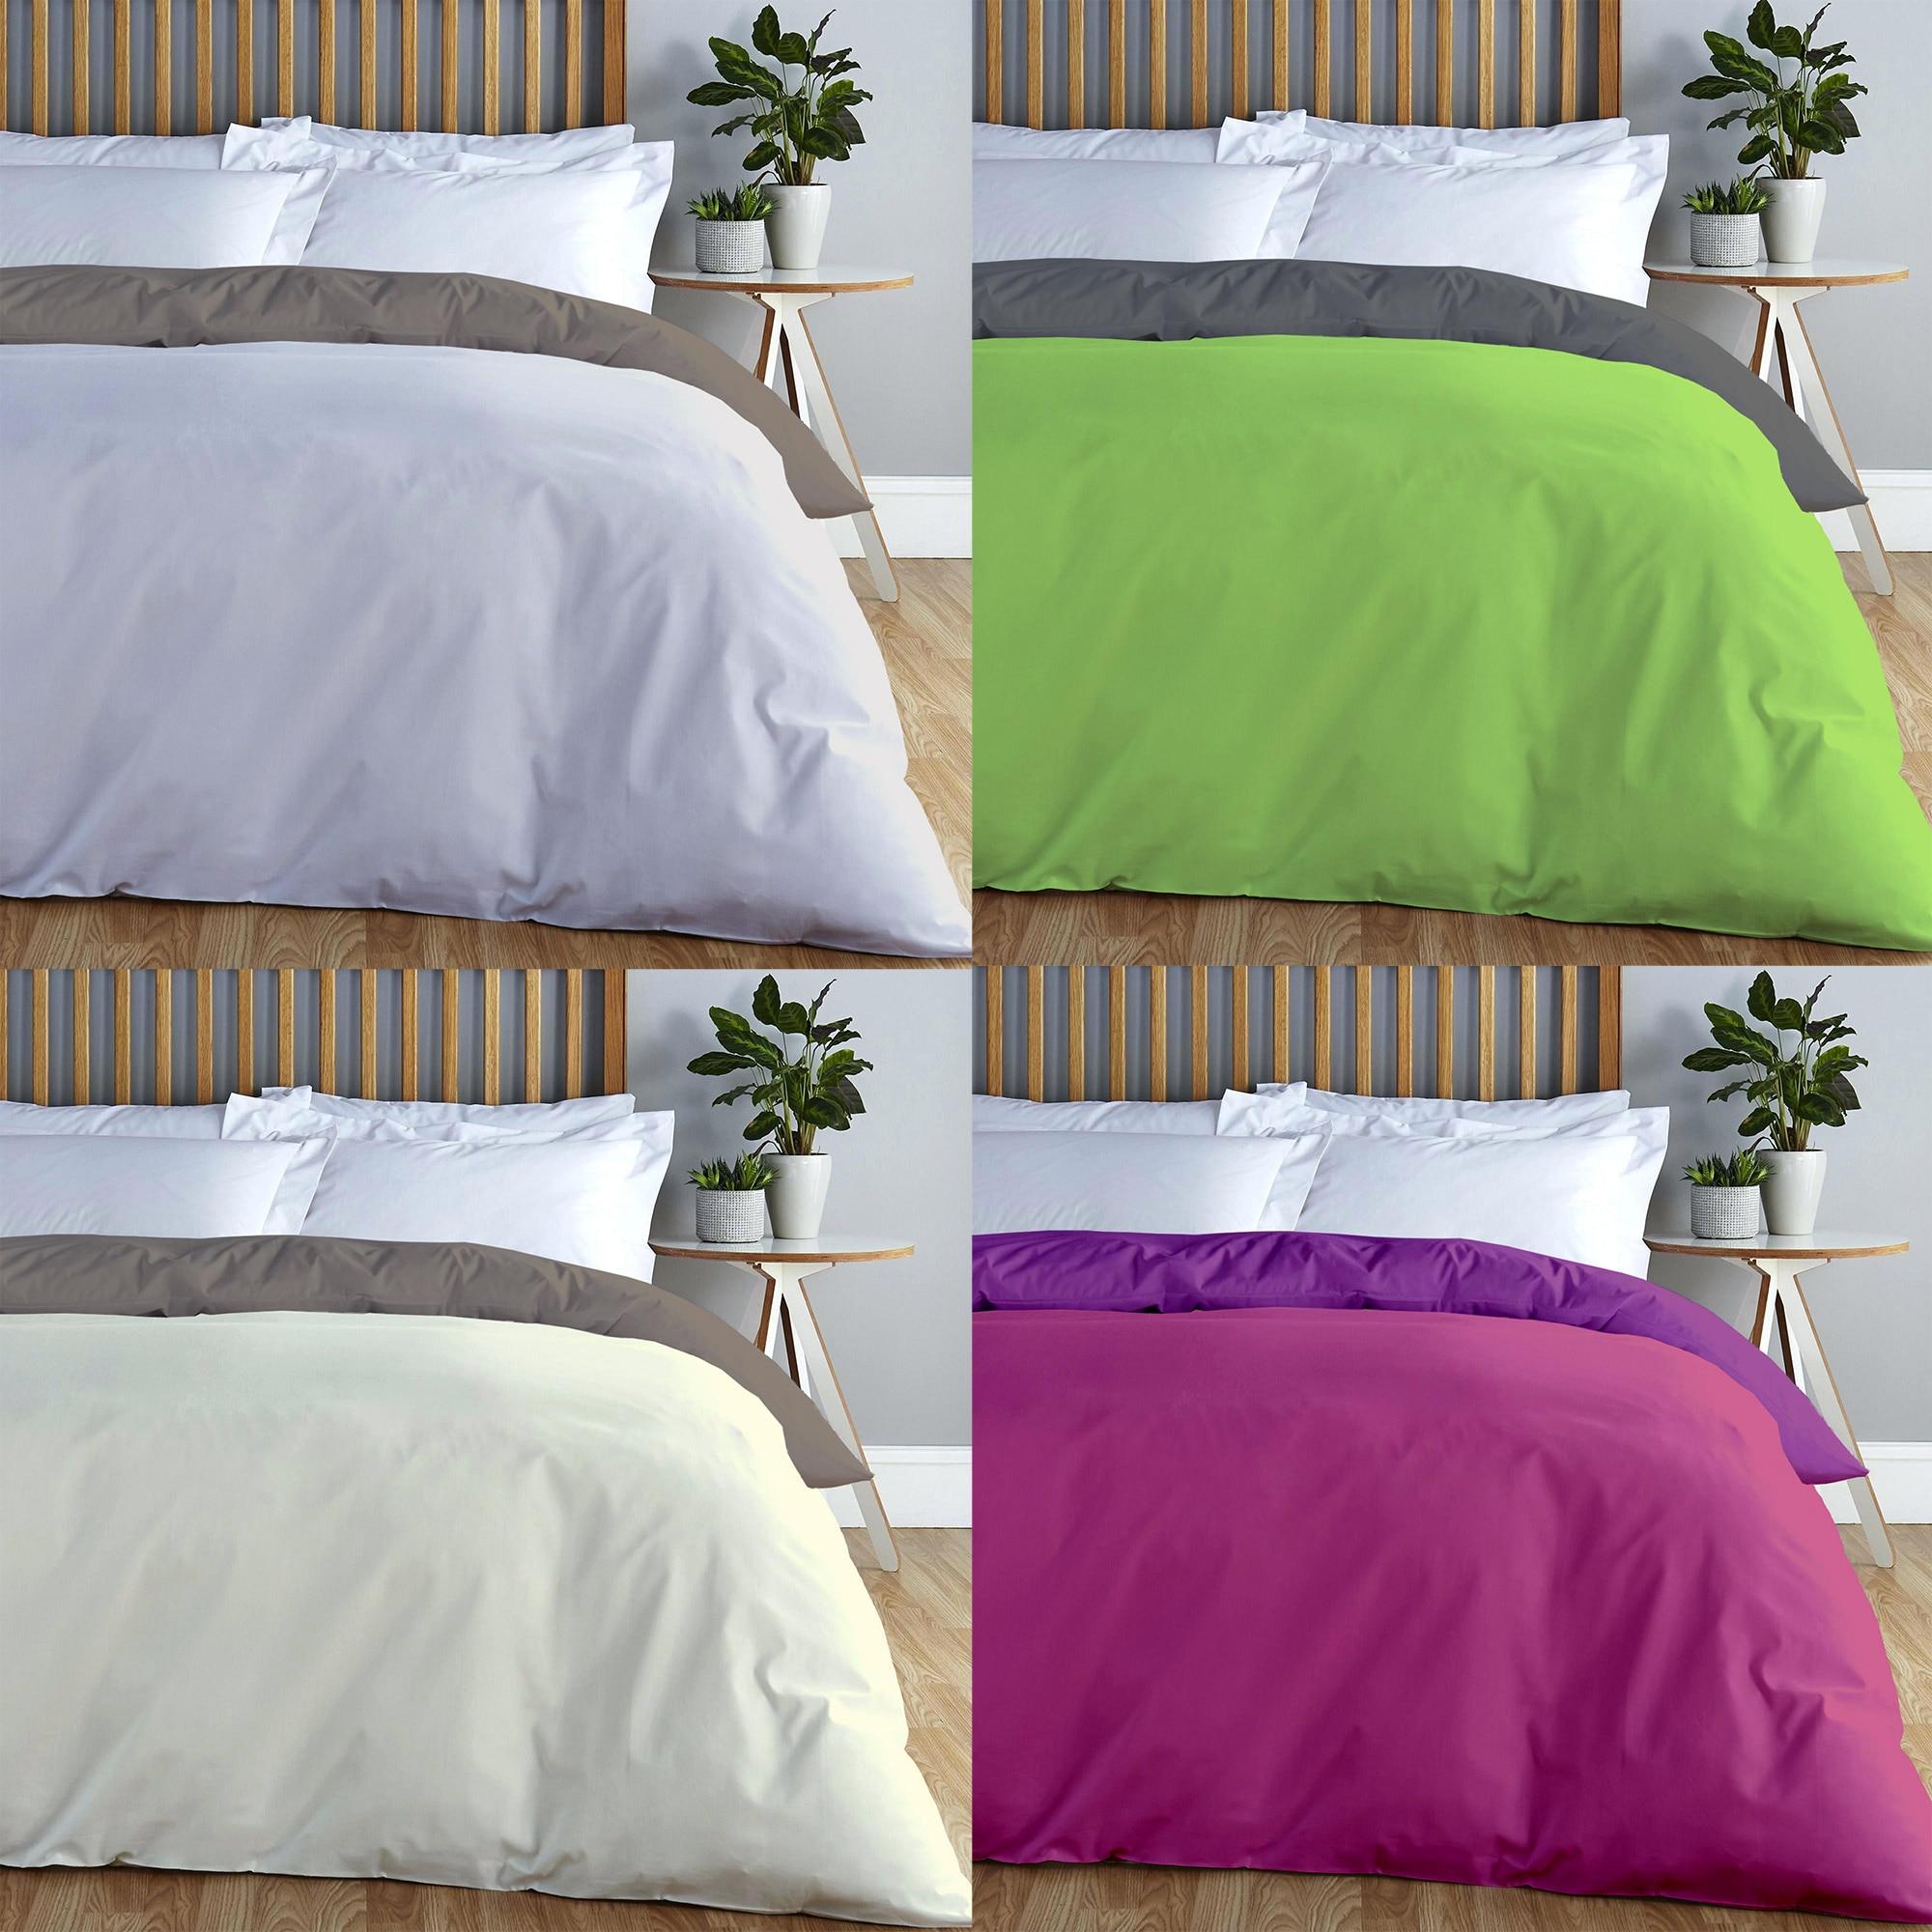 علبة حامل منزلية ADP من المعزي ، غطاء لحاف ثنائية اللون ، جودة 144 × حبلا ، 12 مجموعة ، الفراش واحد